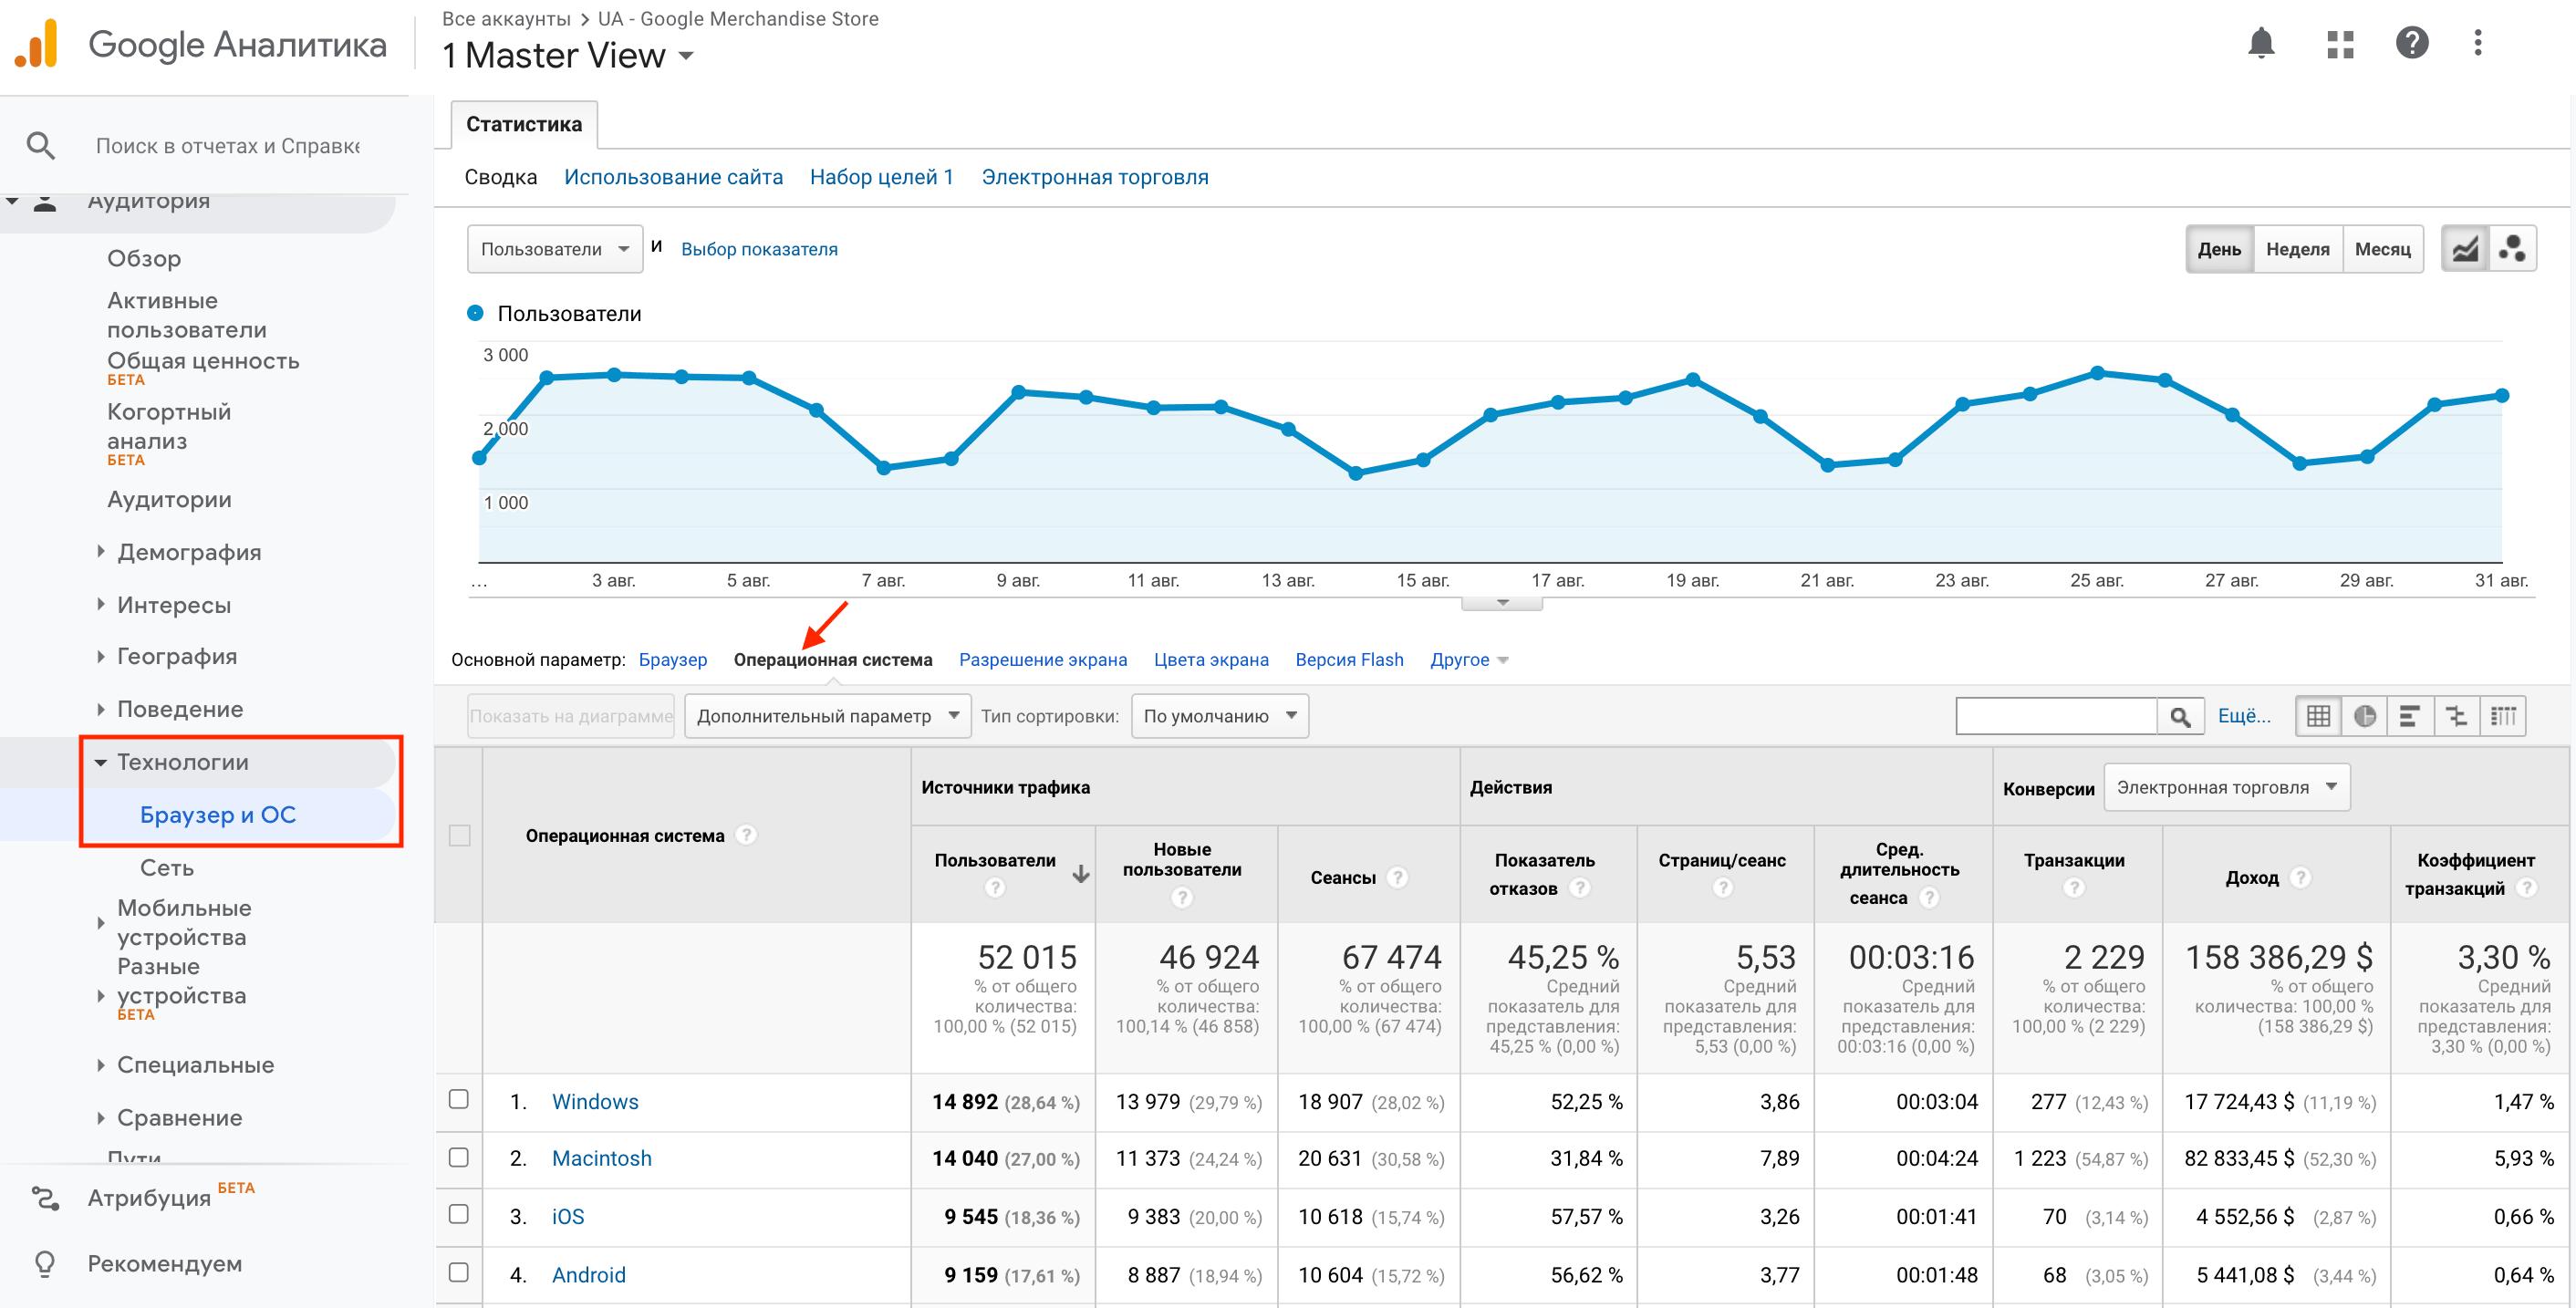 Отчет о взаимодействии с сайтом пользователей различных ОС и браузеров в Universal Аналитике